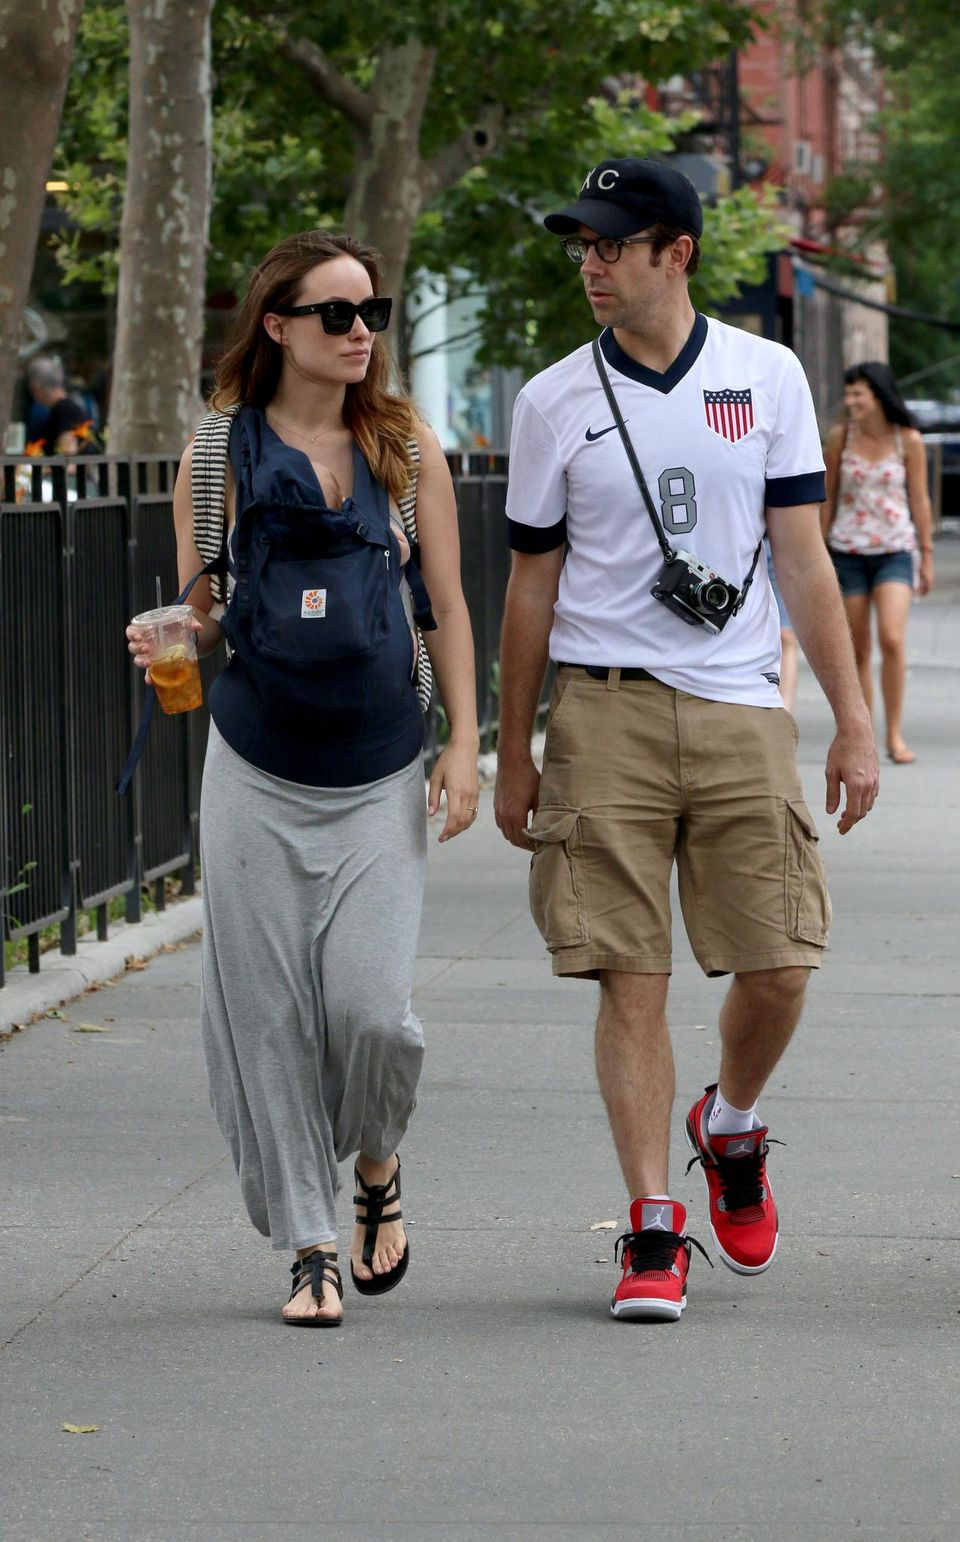 Jason Sudeikis trägt beim gemeinsamen Spaziergang mit Olivia Wilde und Baby ein Trikot der U.S. Mannschaft.